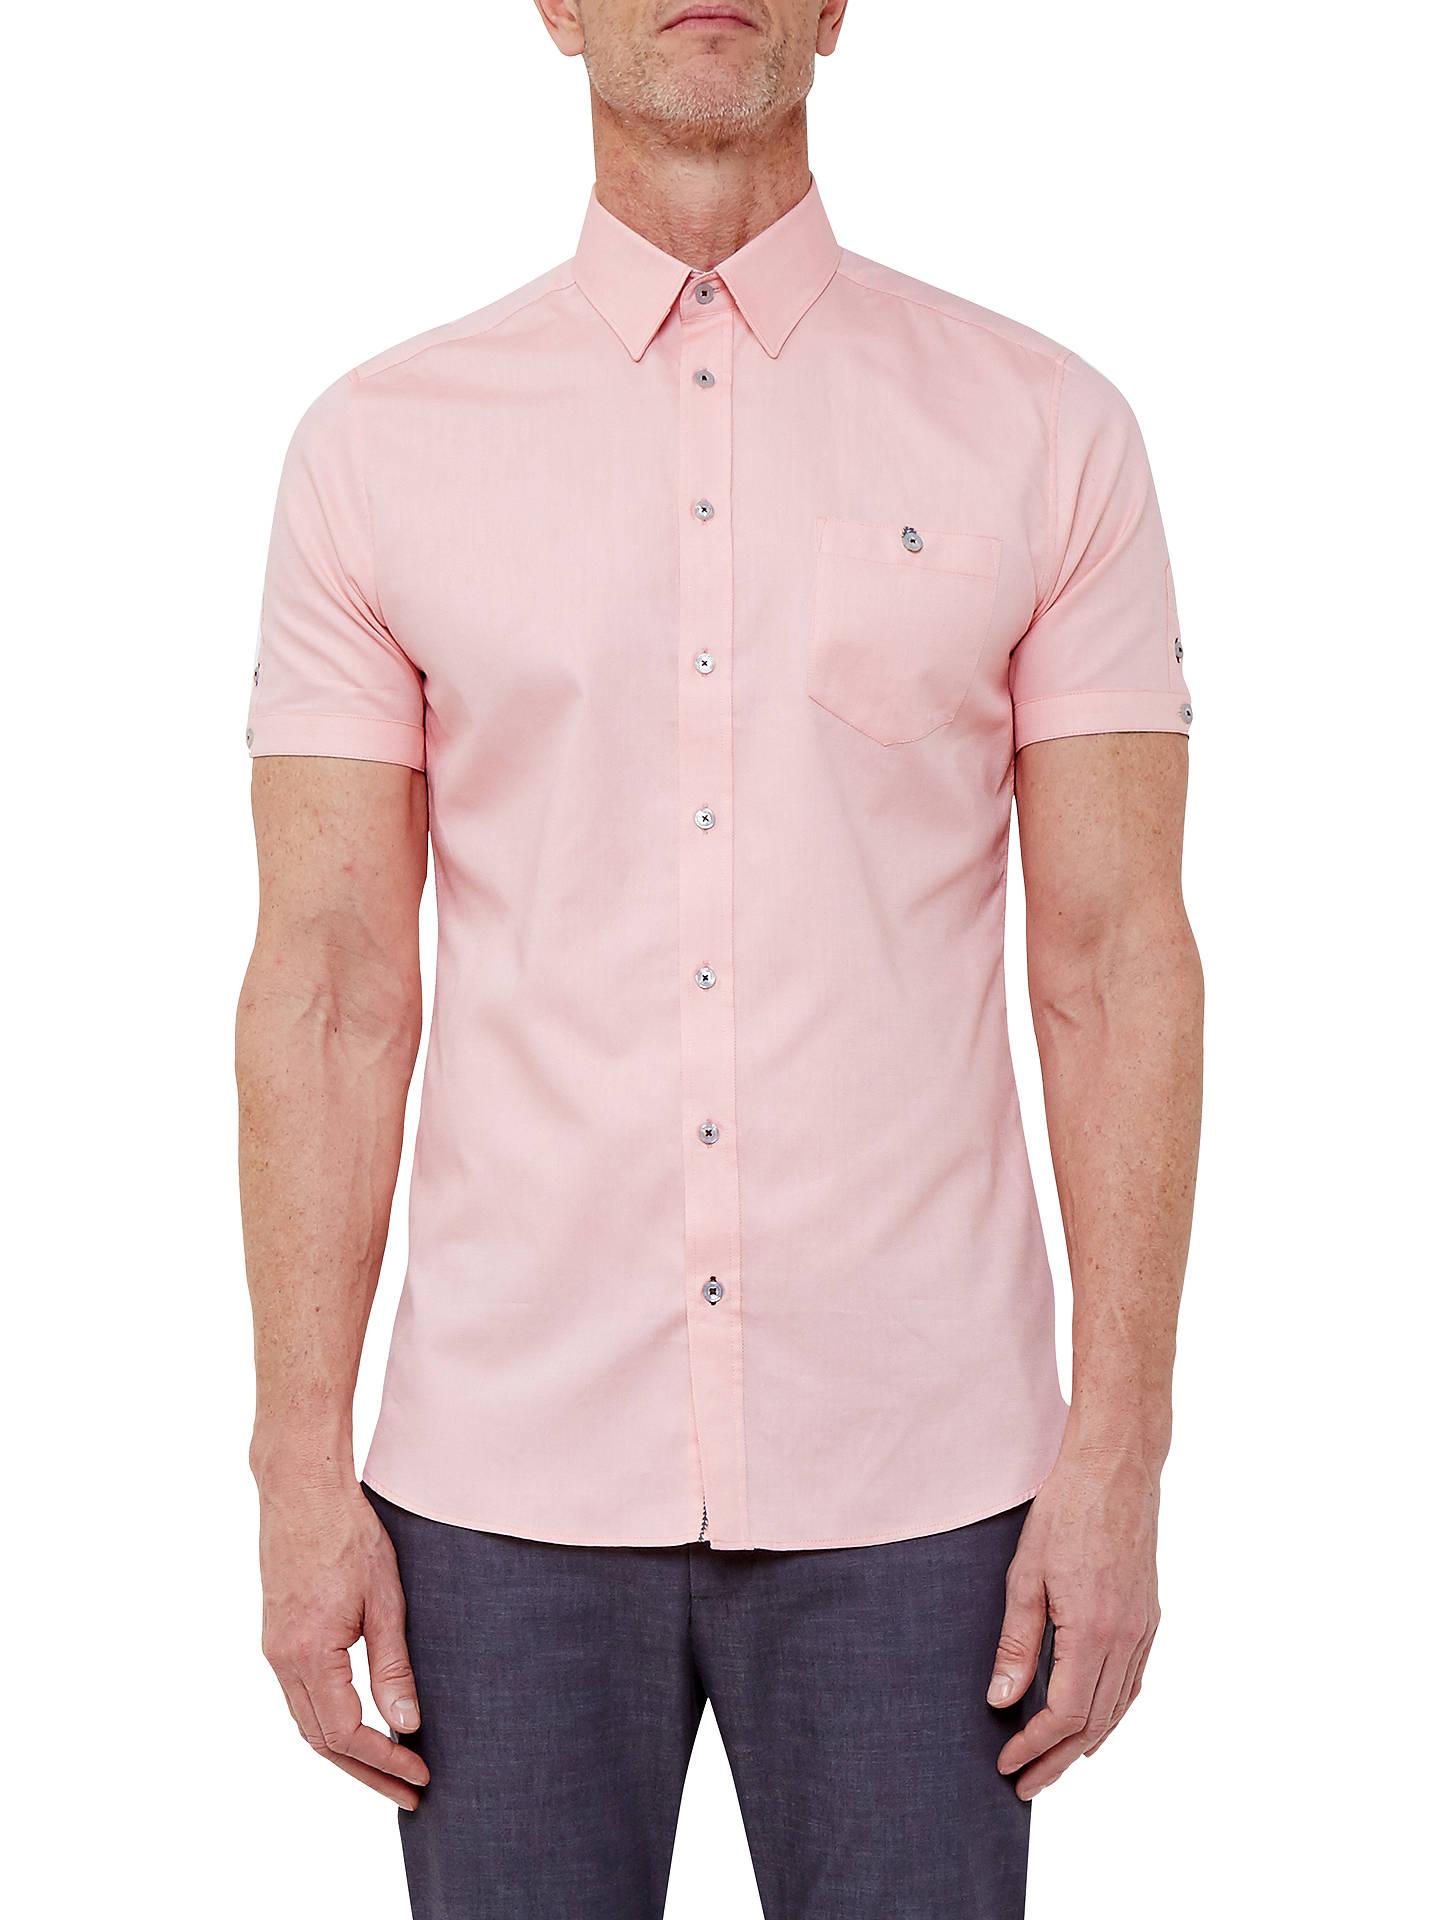 a1852a4cb Ted Baker T for Tall Wooett Shirt at John Lewis   Partners